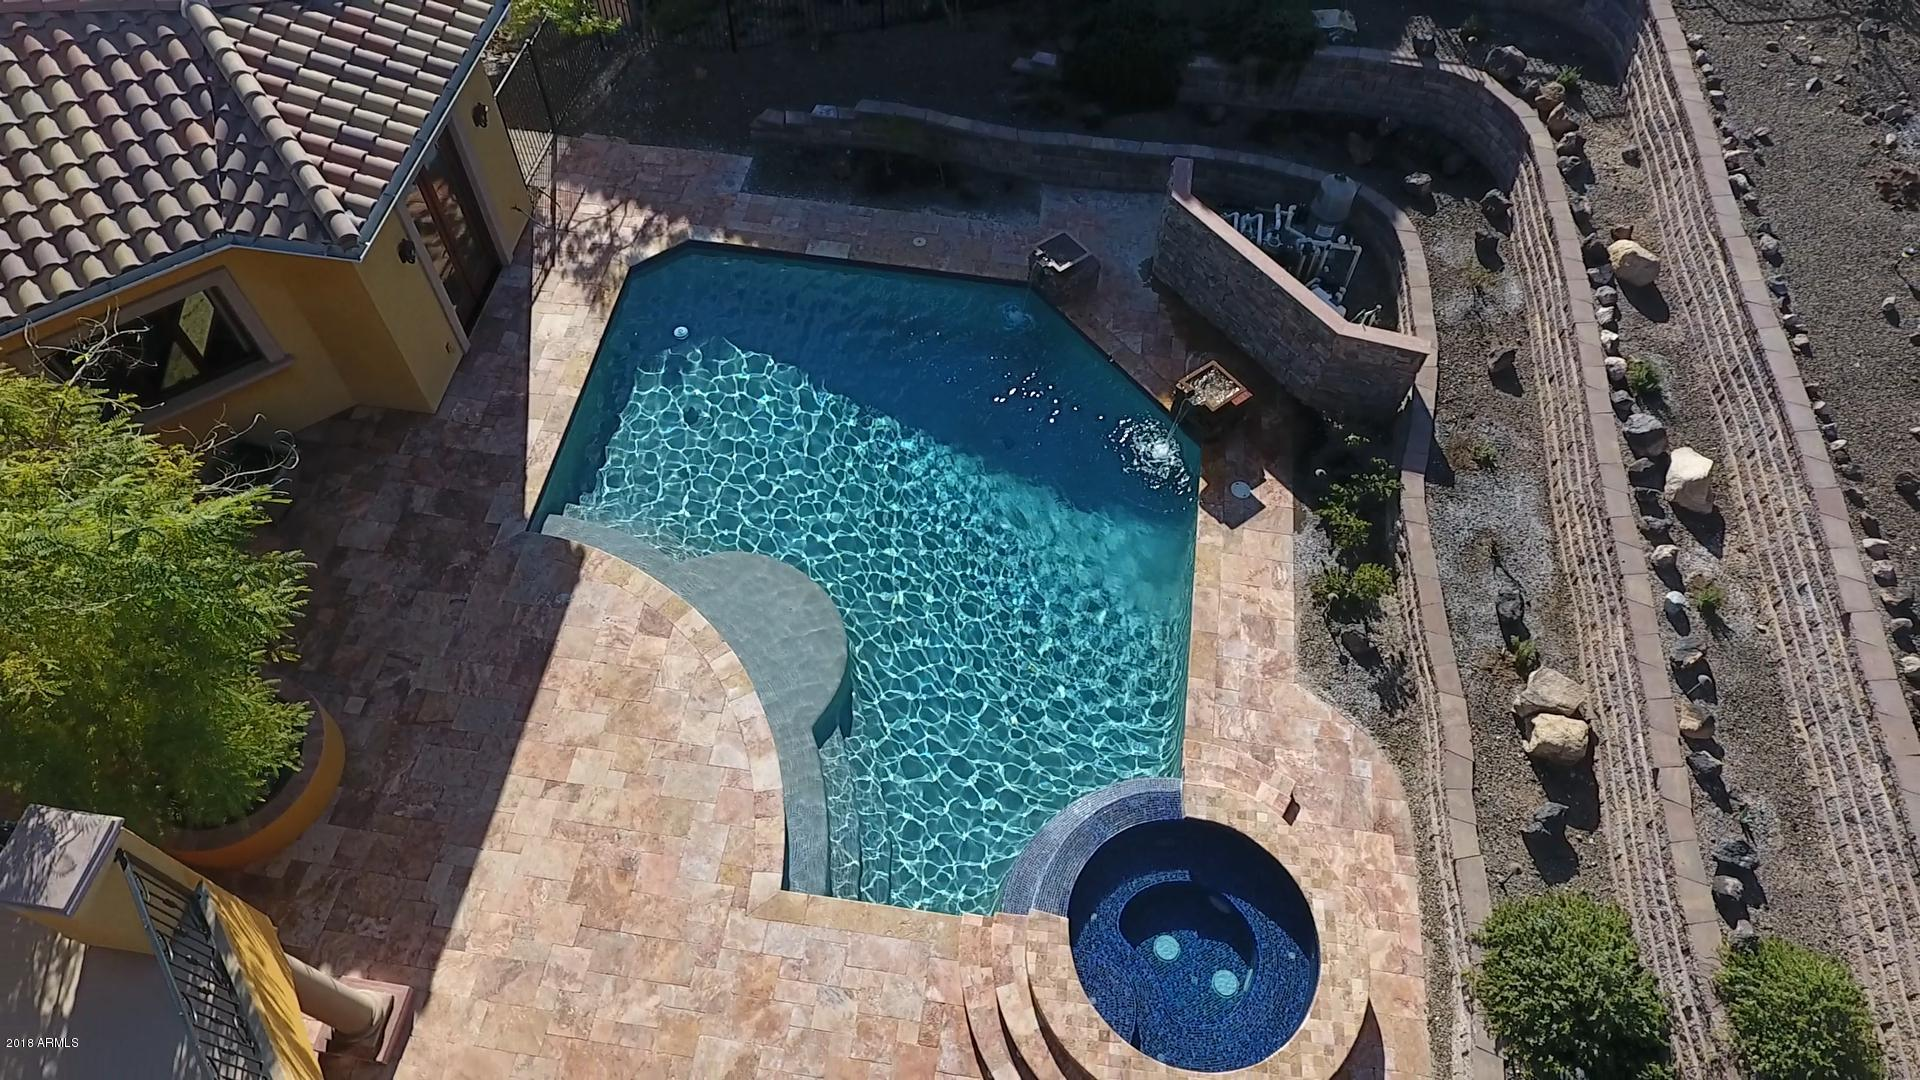 MLS 5704199 24222 N 63RD Drive, Glendale, AZ 85310 Glendale AZ Private Pool